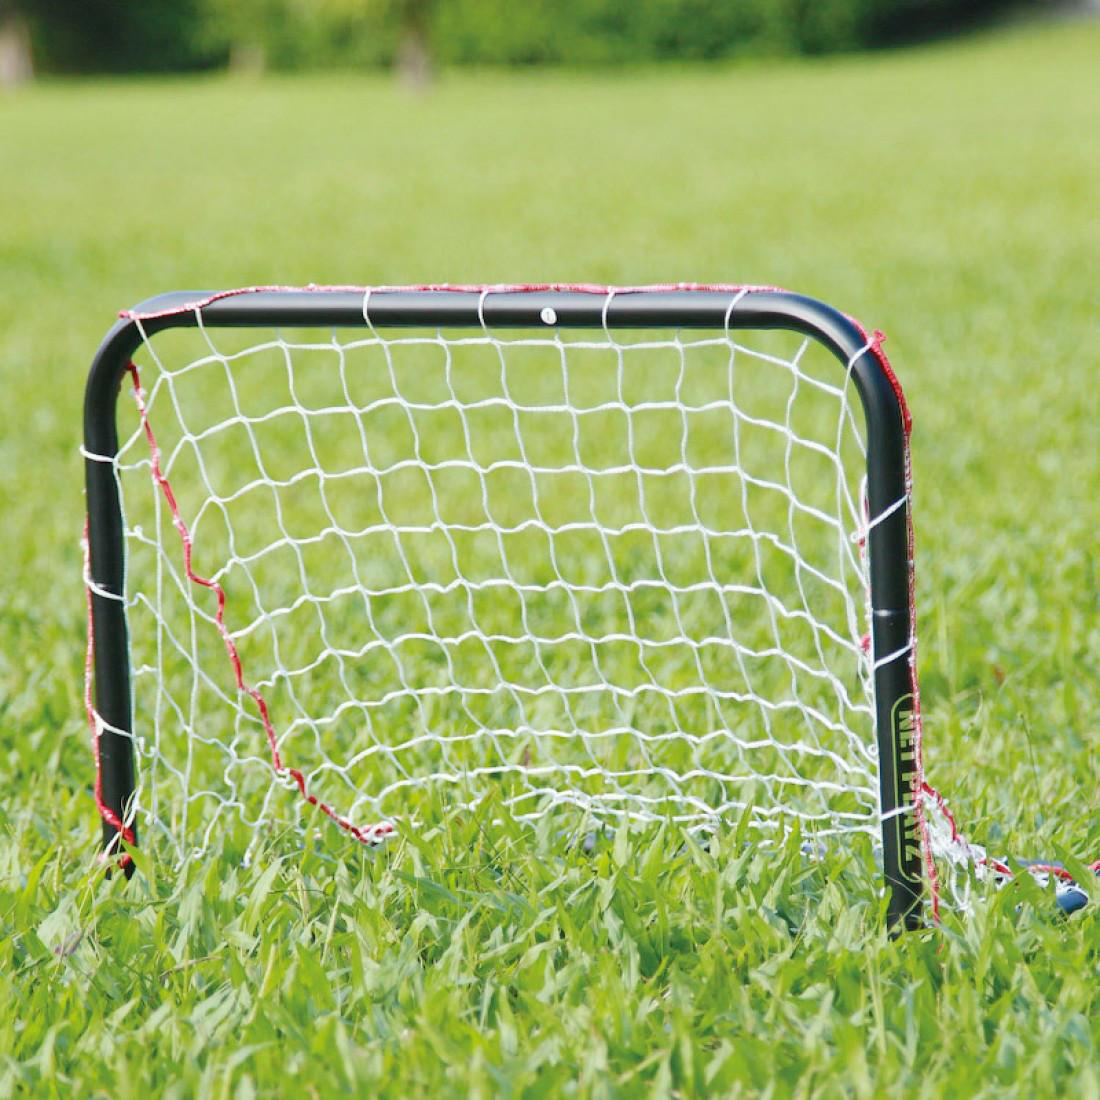 Міні-футбольні ворота Net Playz MINI GOAL PLAYZ (ODS-09-R1)